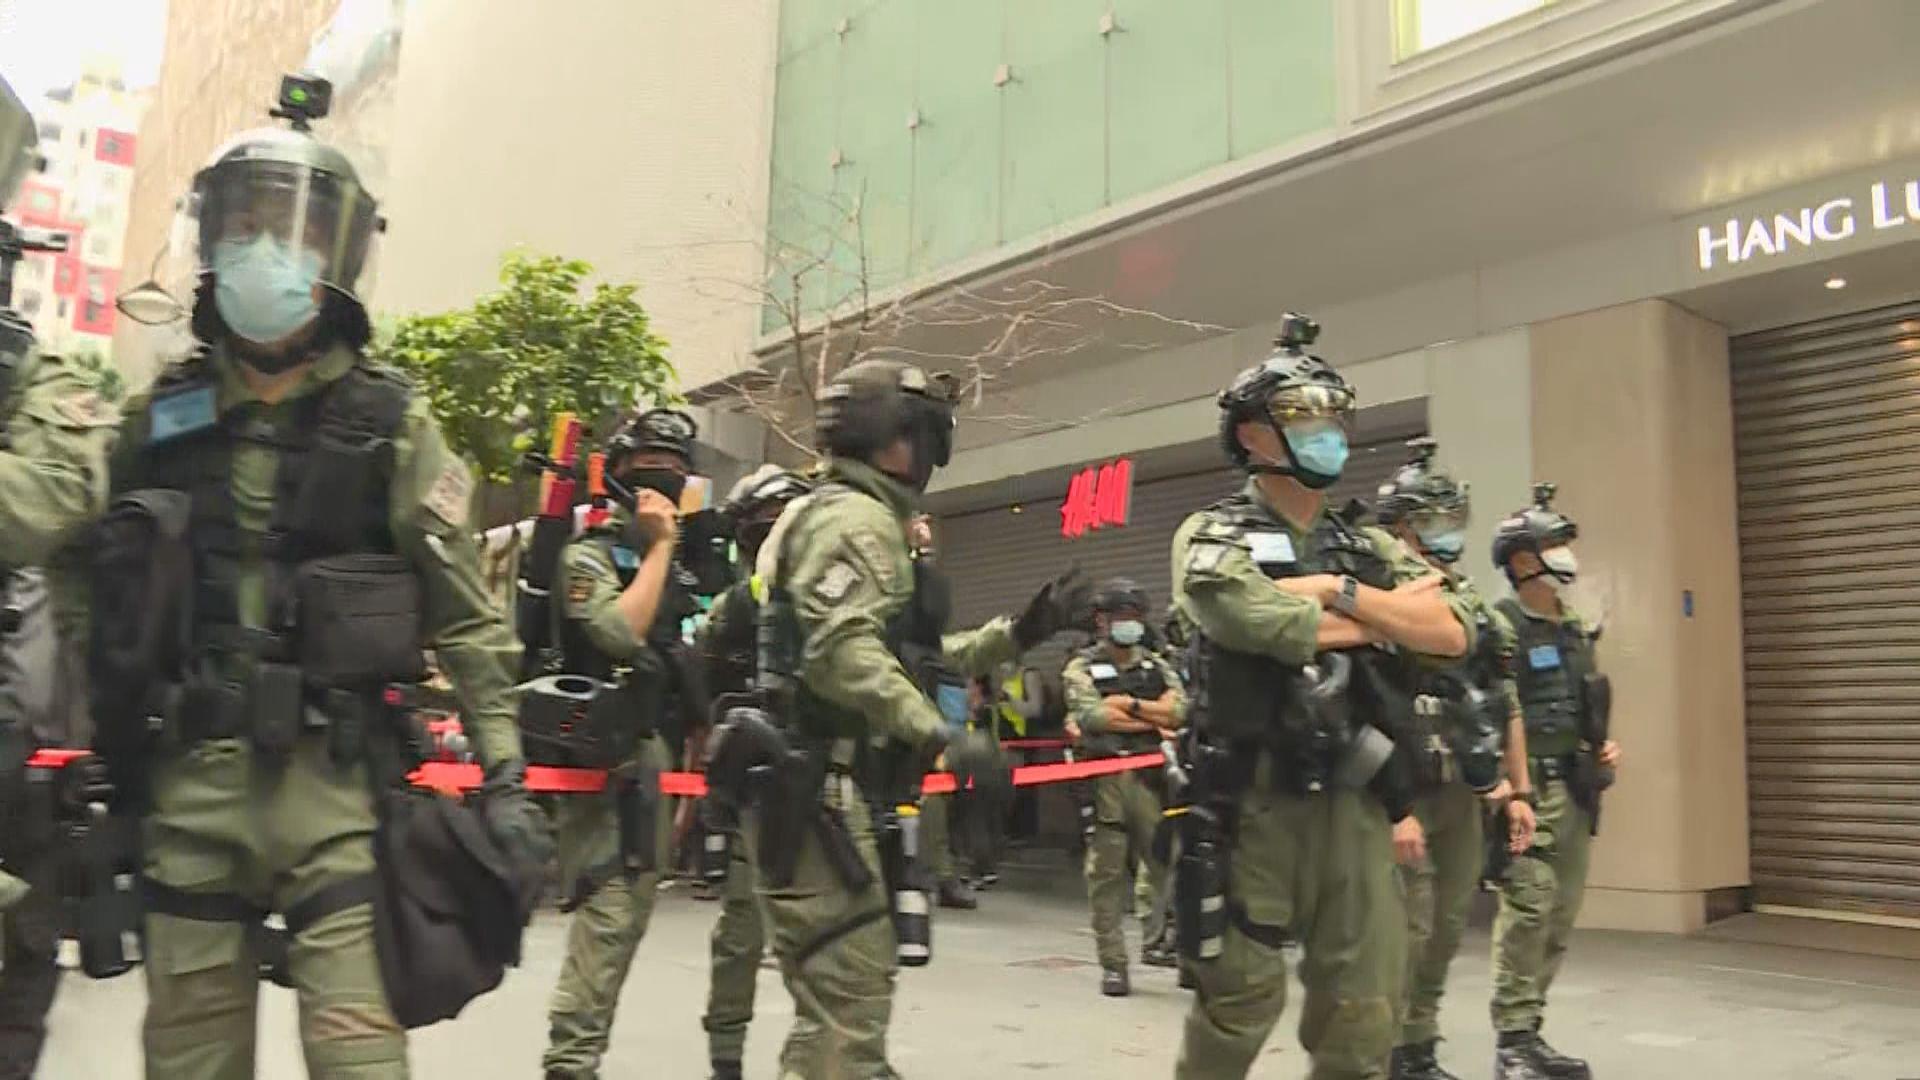 警多次設封鎖區查記者身分 記協觀察員質疑警設封鎖線無必要